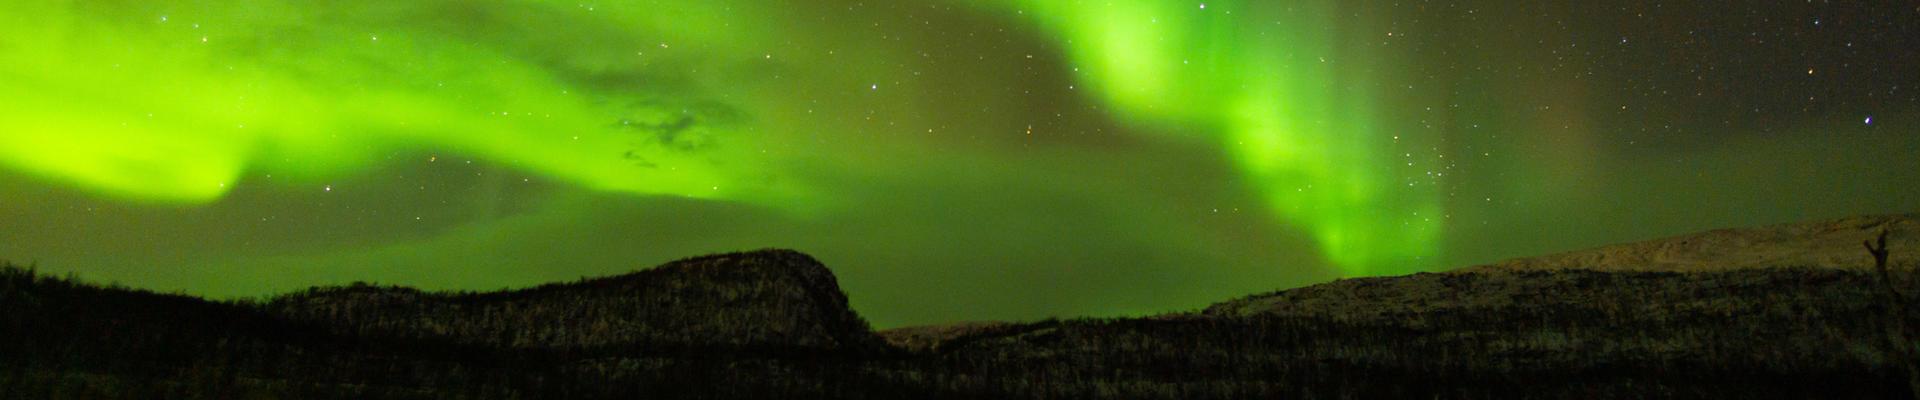 FO Troms og Finnmark